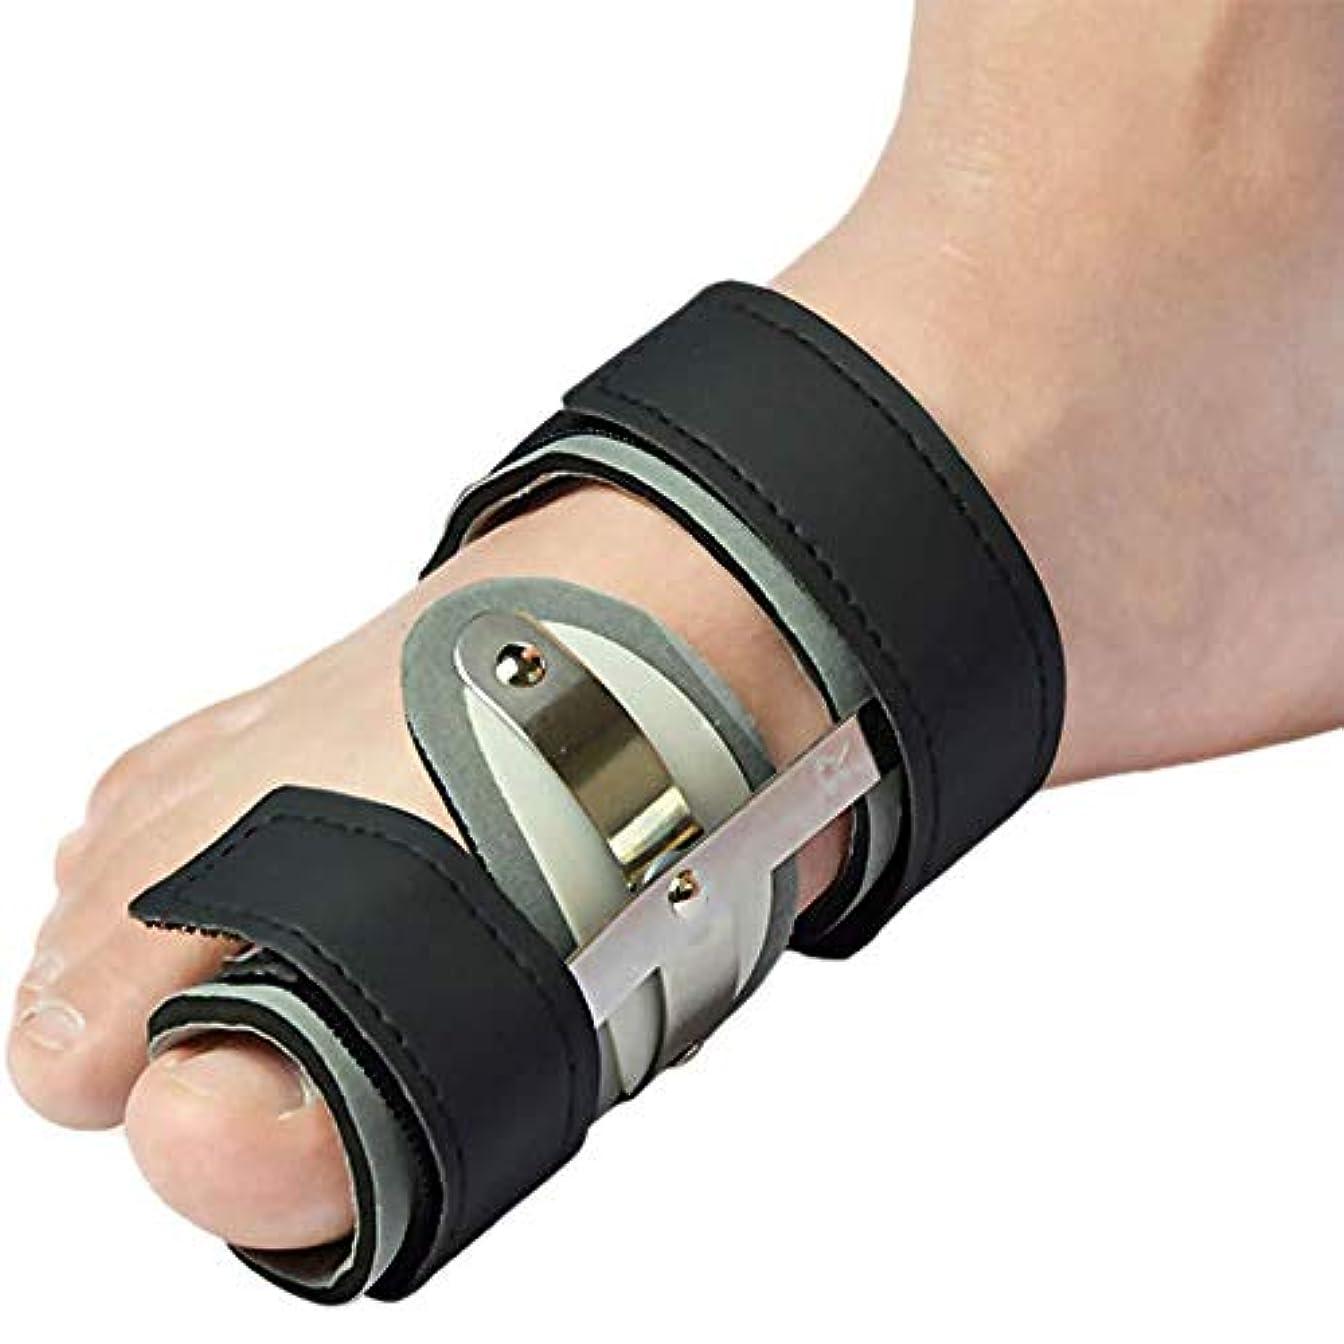 宅配便油望みつま先サポート、大きなつま先矯正、快適で ゲルつま先セパレーター、高弾性、腱膜瘤の痛みを軽減,Right Foot